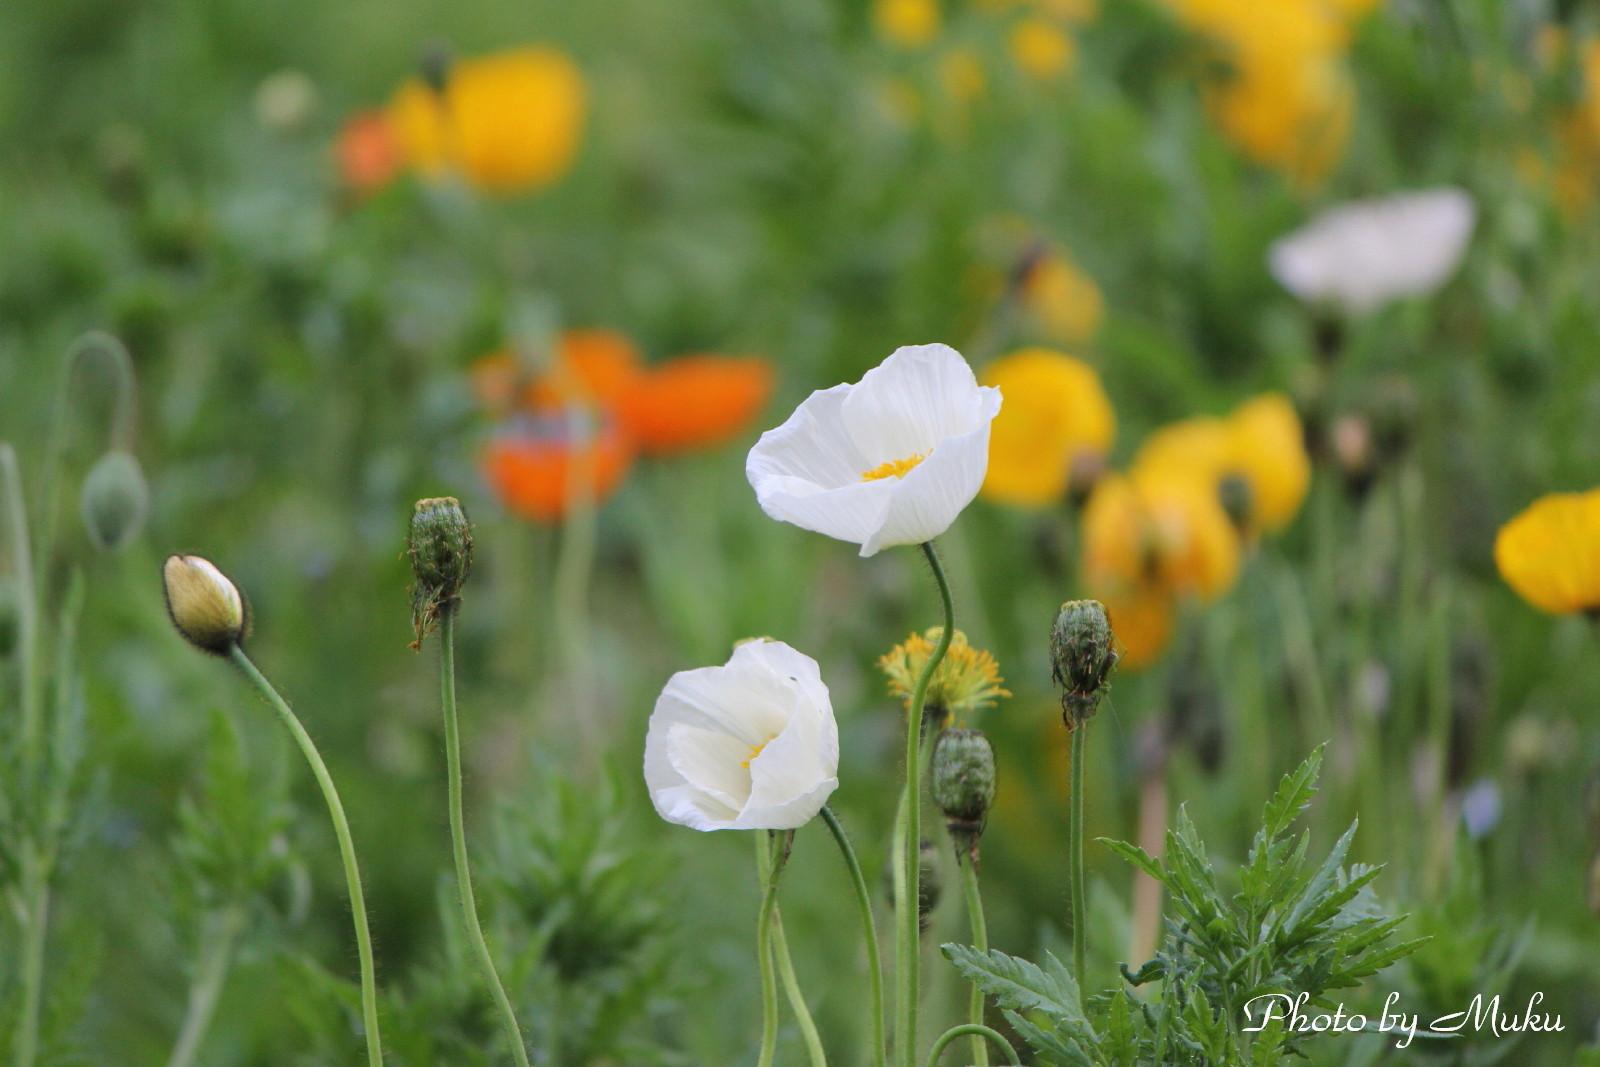 2014/05/01_ポピー(くりはま花の園:神奈川県横須賀市)